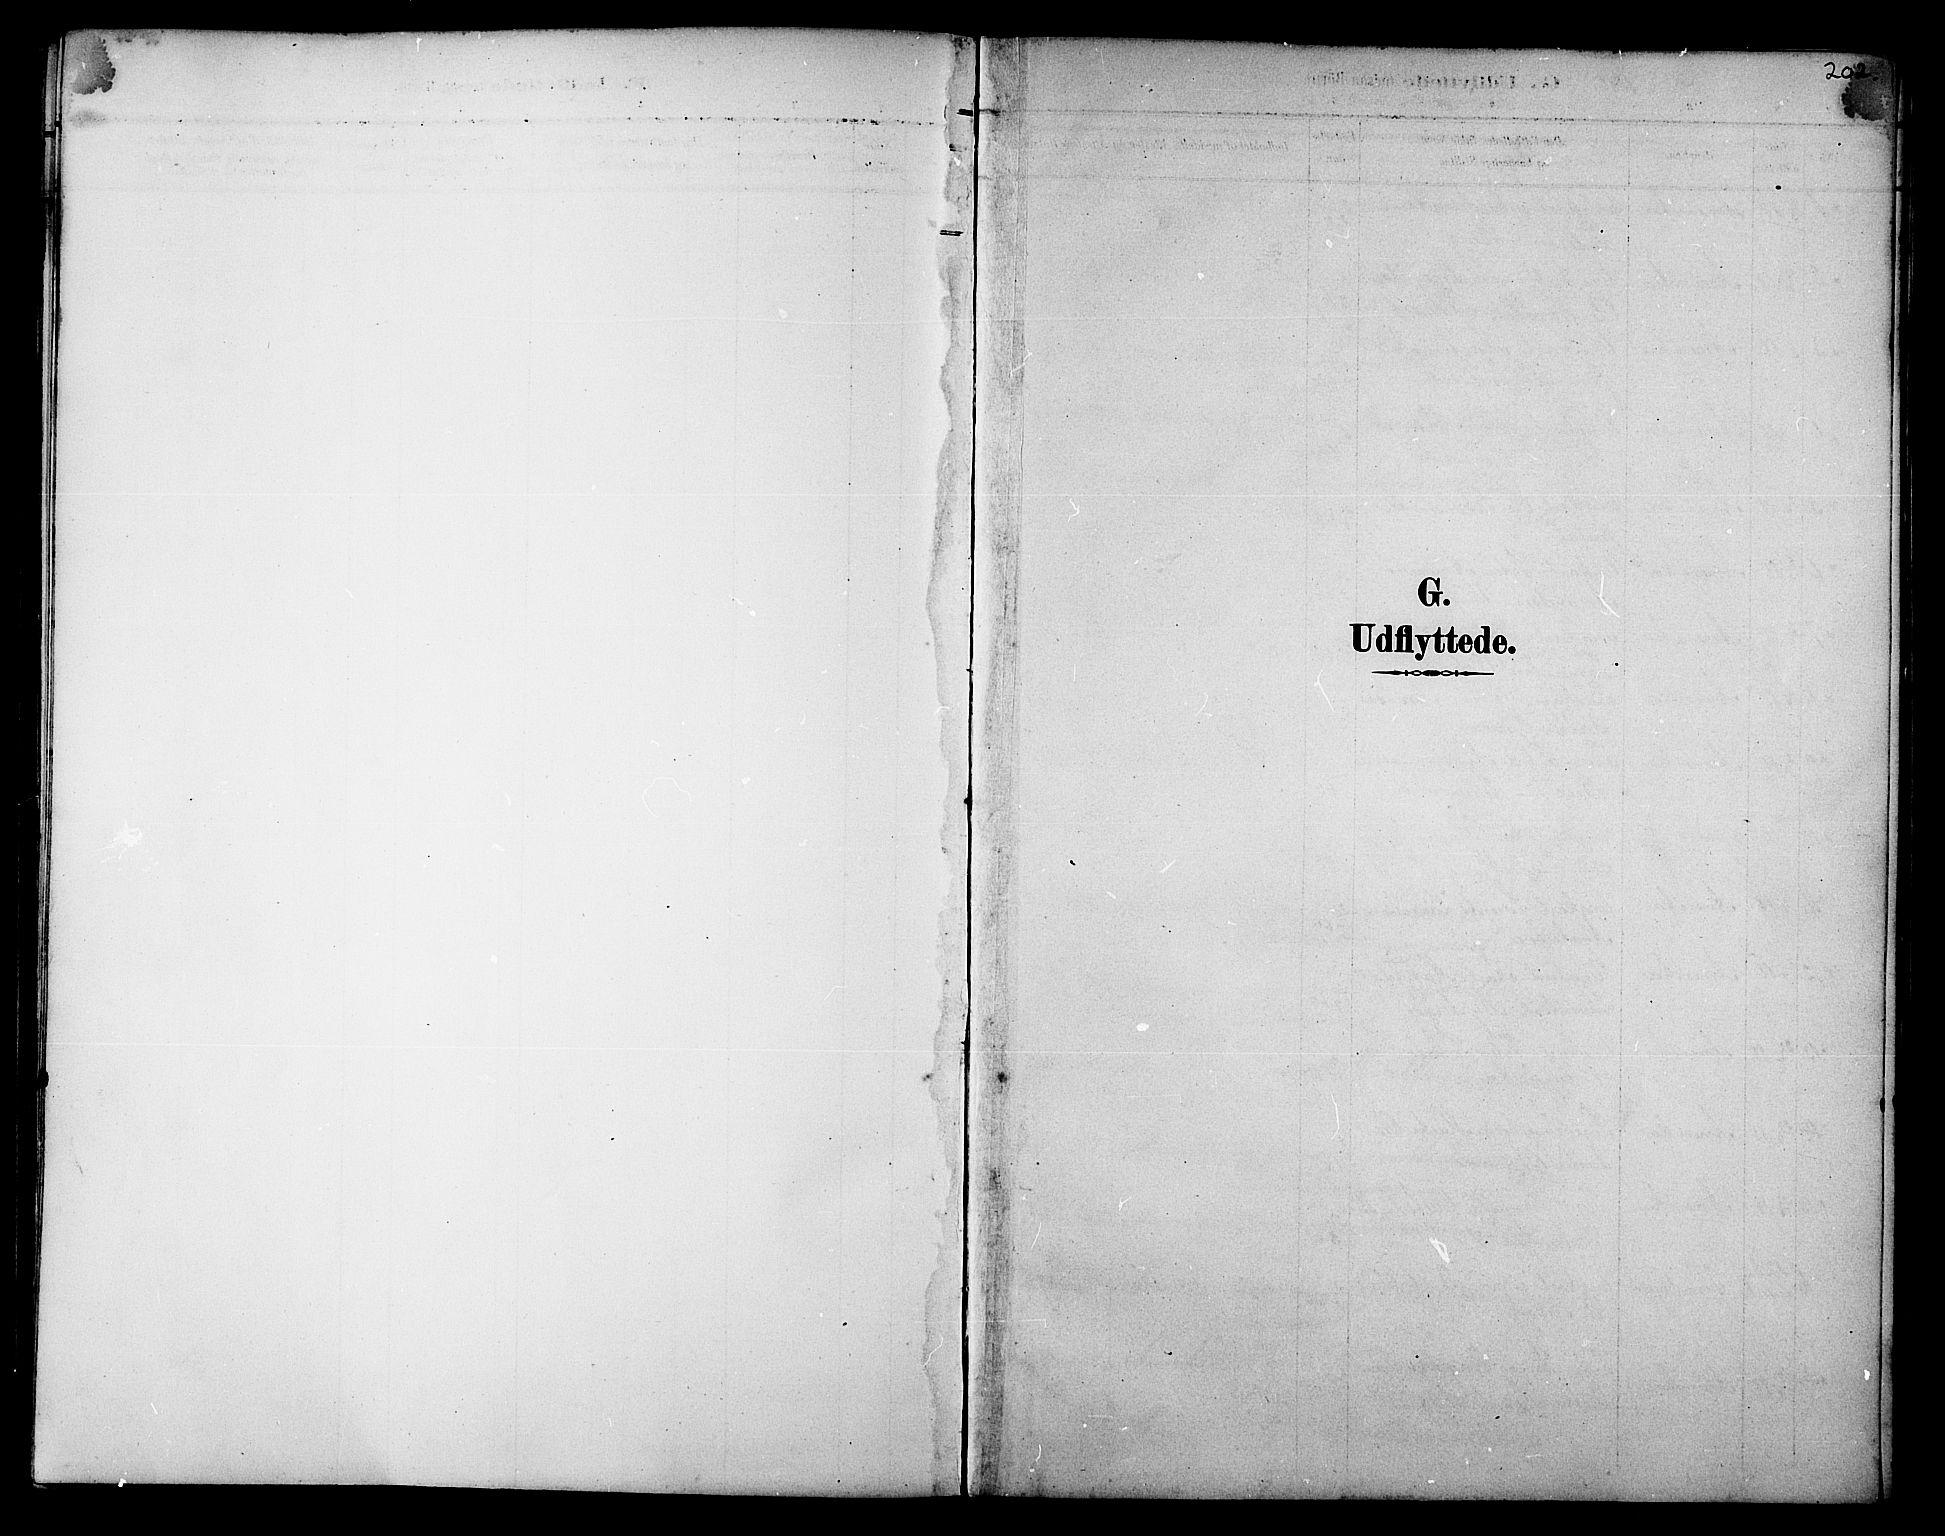 SAT, Ministerialprotokoller, klokkerbøker og fødselsregistre - Nord-Trøndelag, 733/L0327: Klokkerbok nr. 733C02, 1888-1918, s. 202